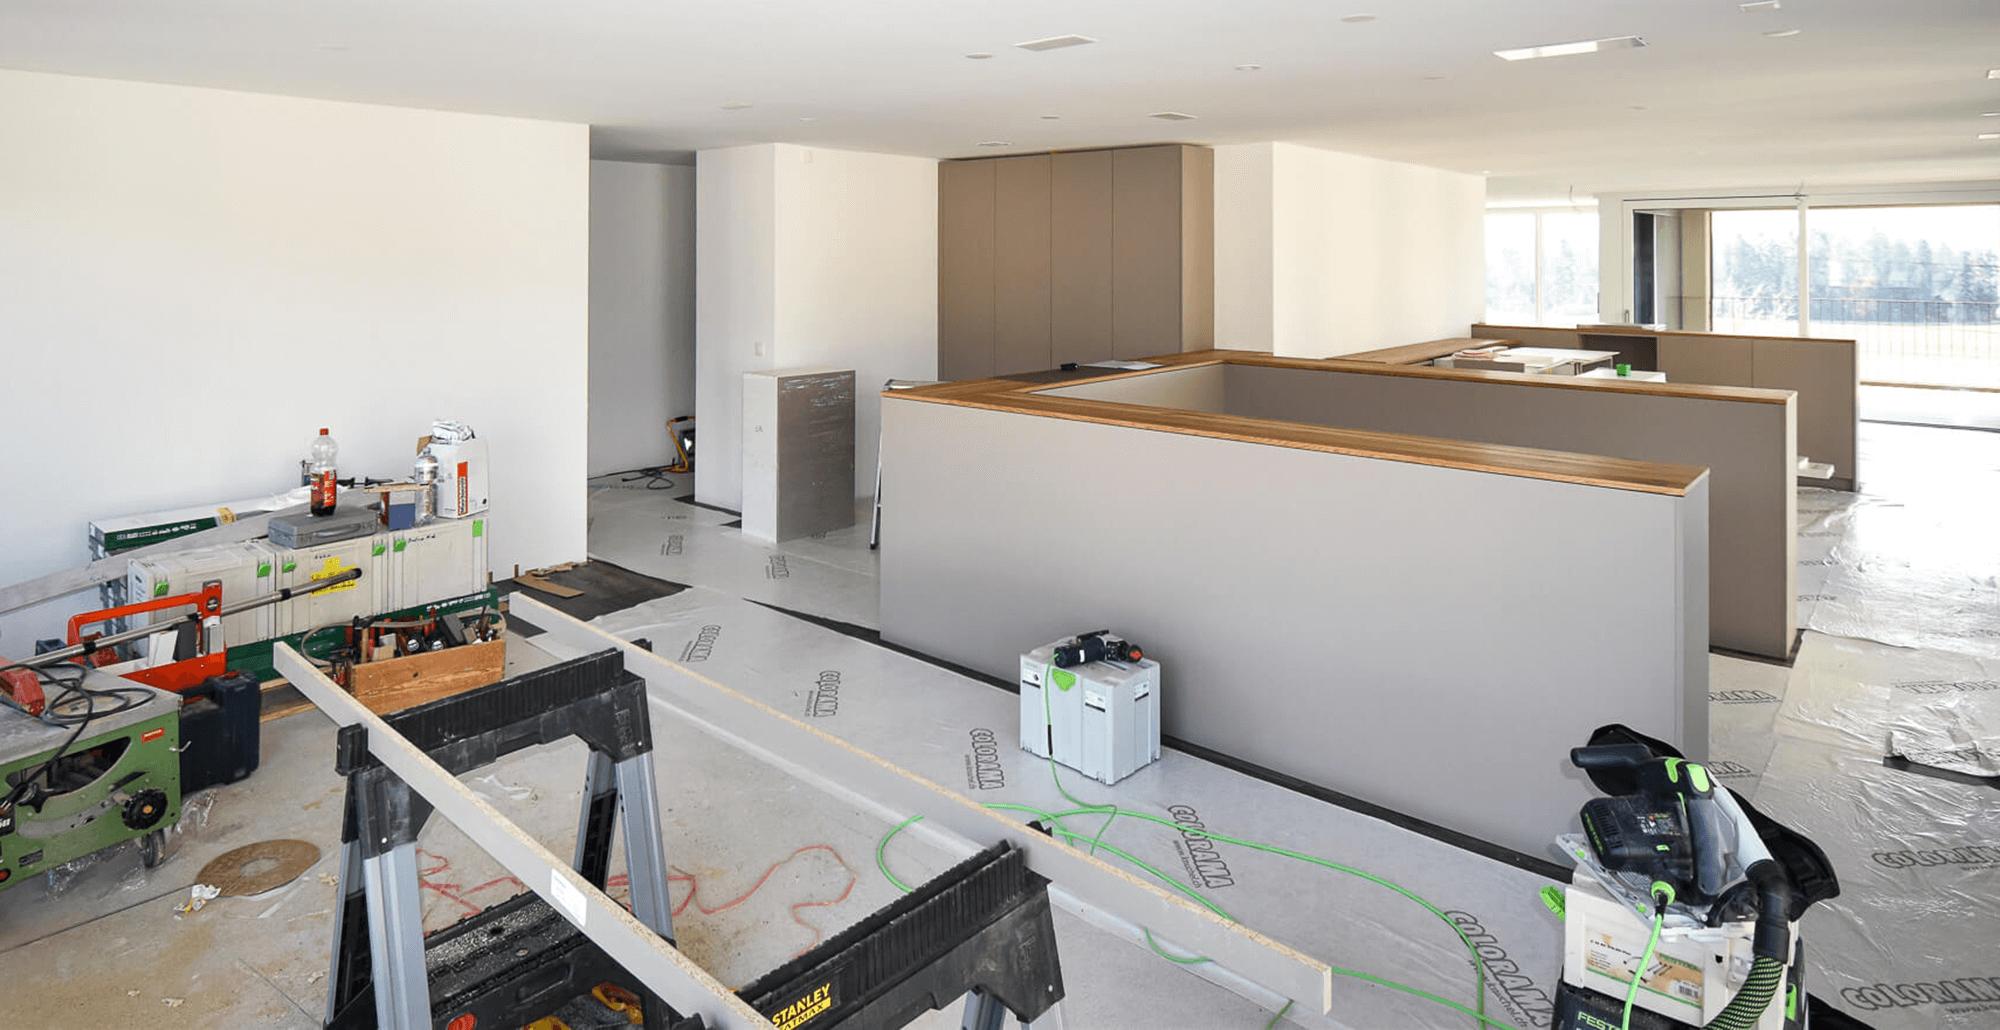 Neubau Überbauung Zentrum Sonne Rüfenacht. Baustellenupdate Büroräumlichkeiten, Küche und Bad